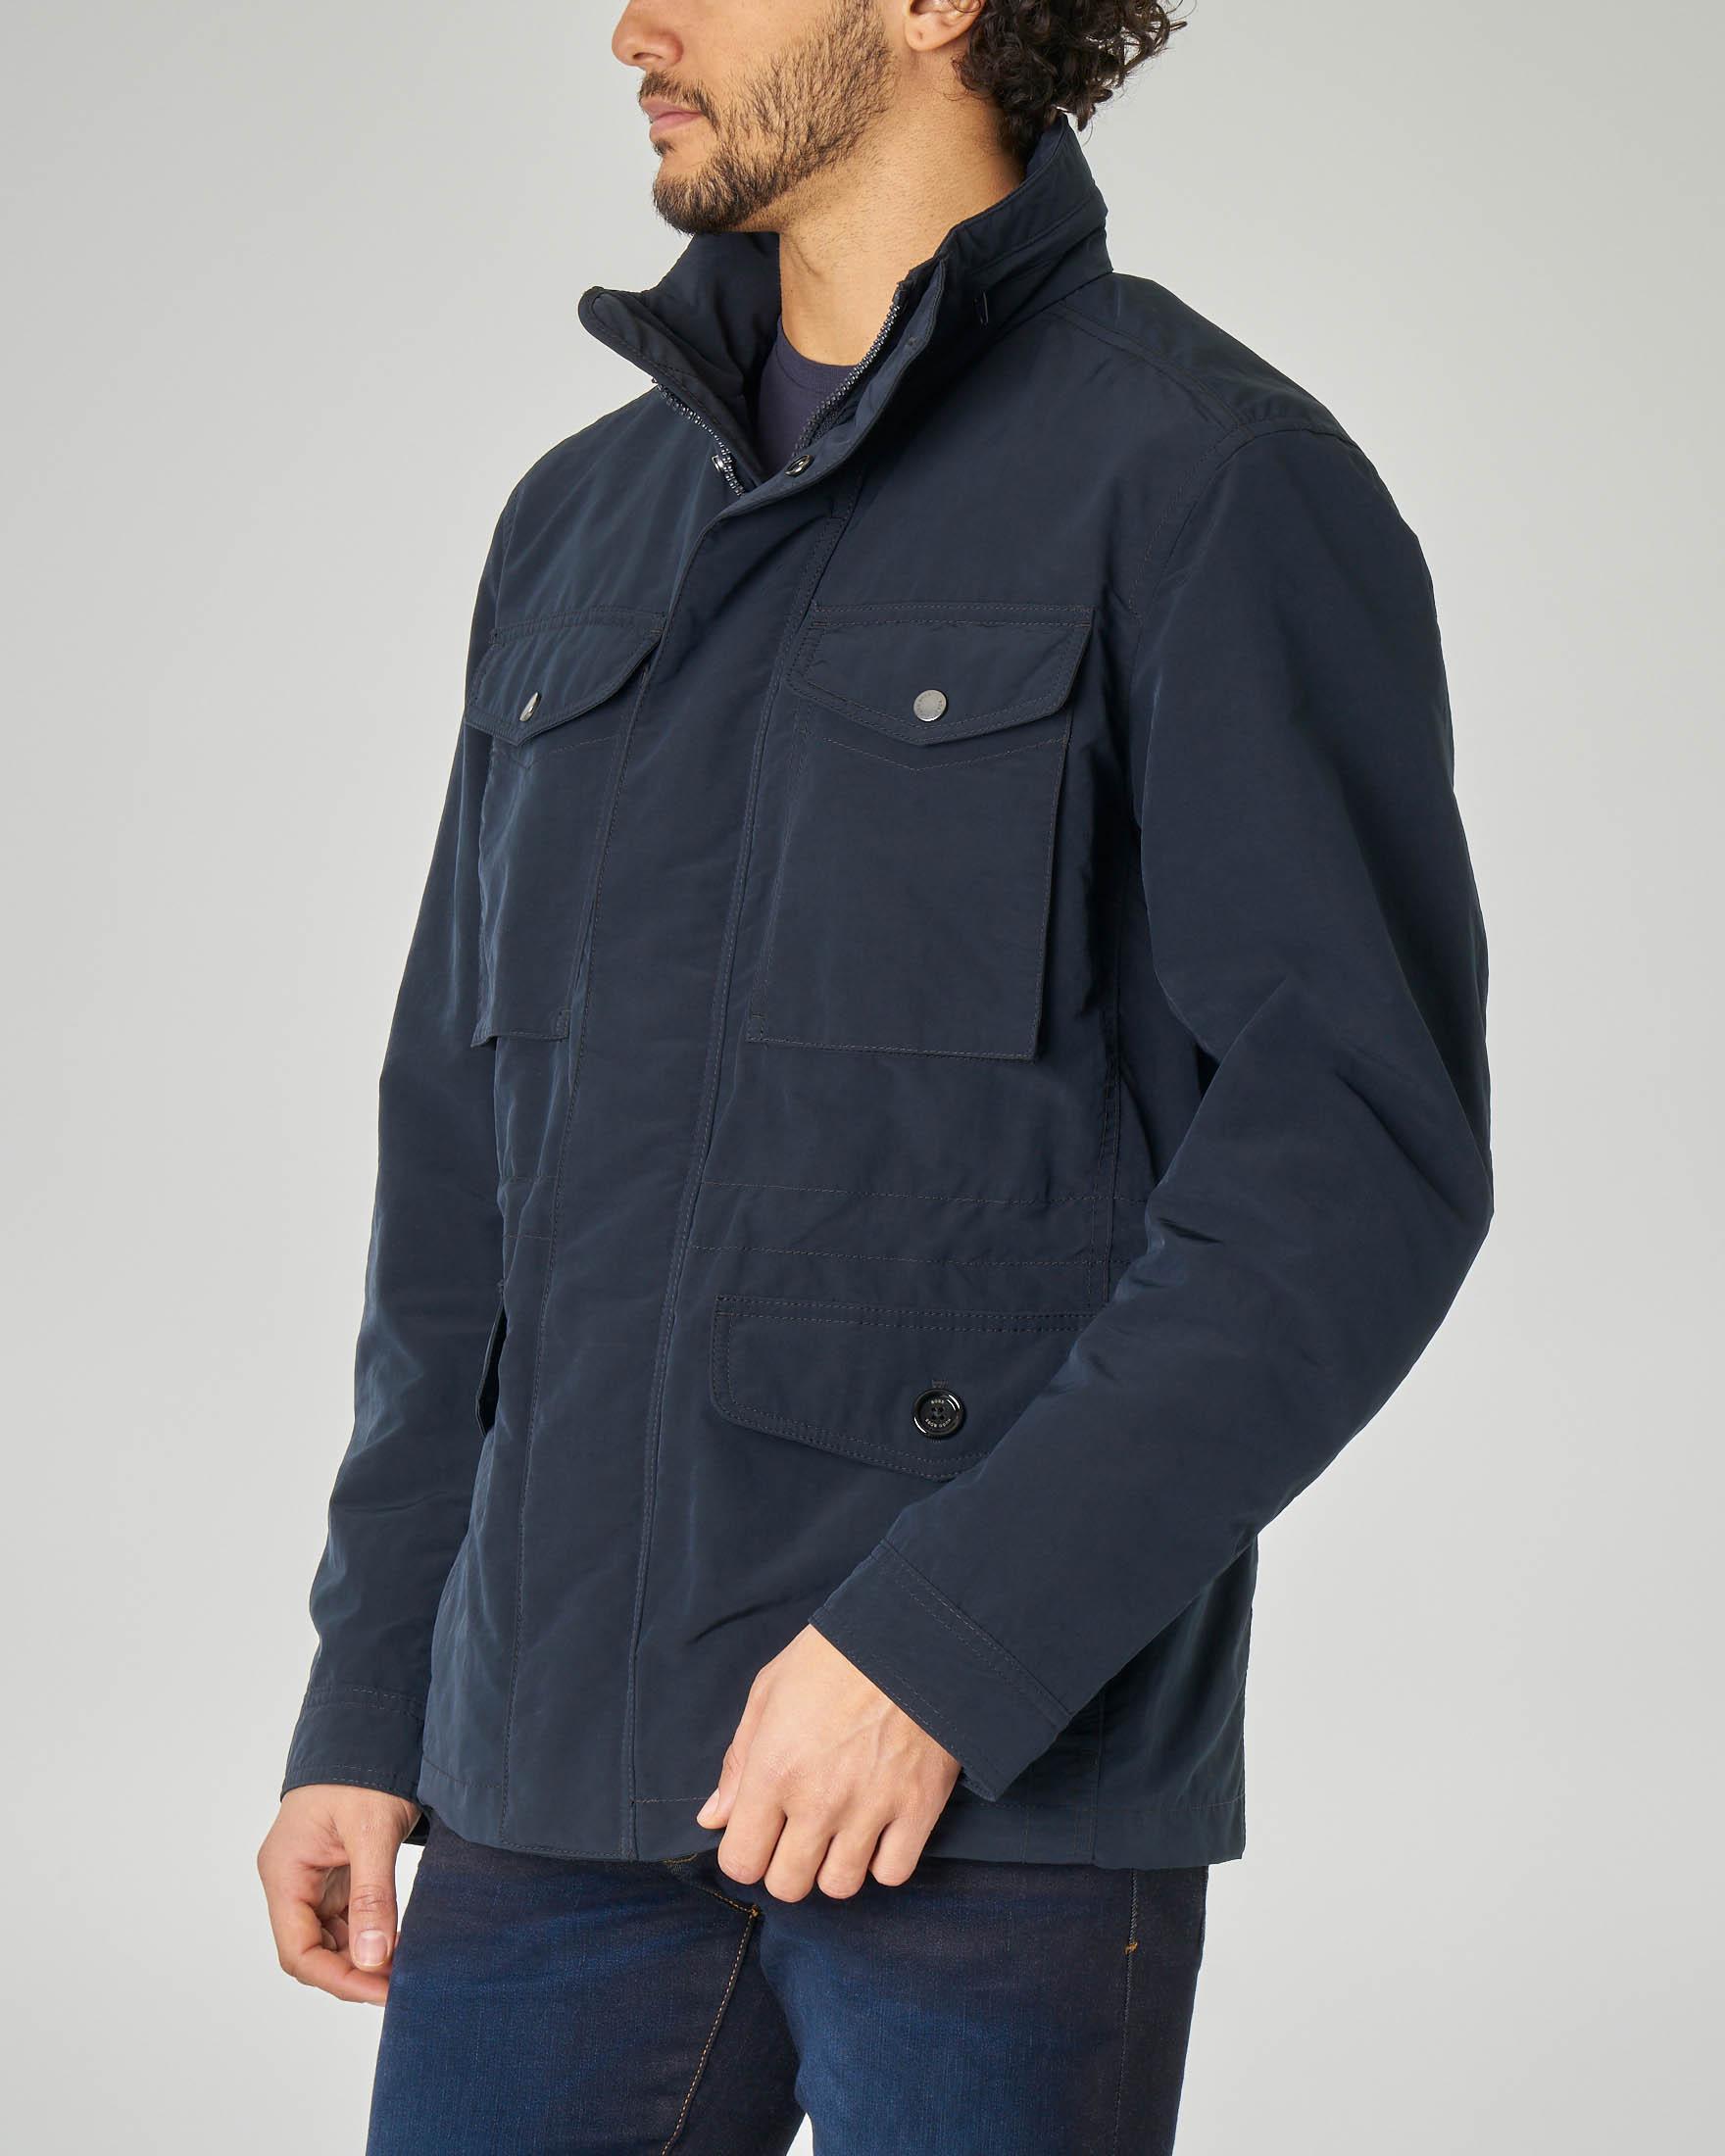 Field jacket blu in microfibra